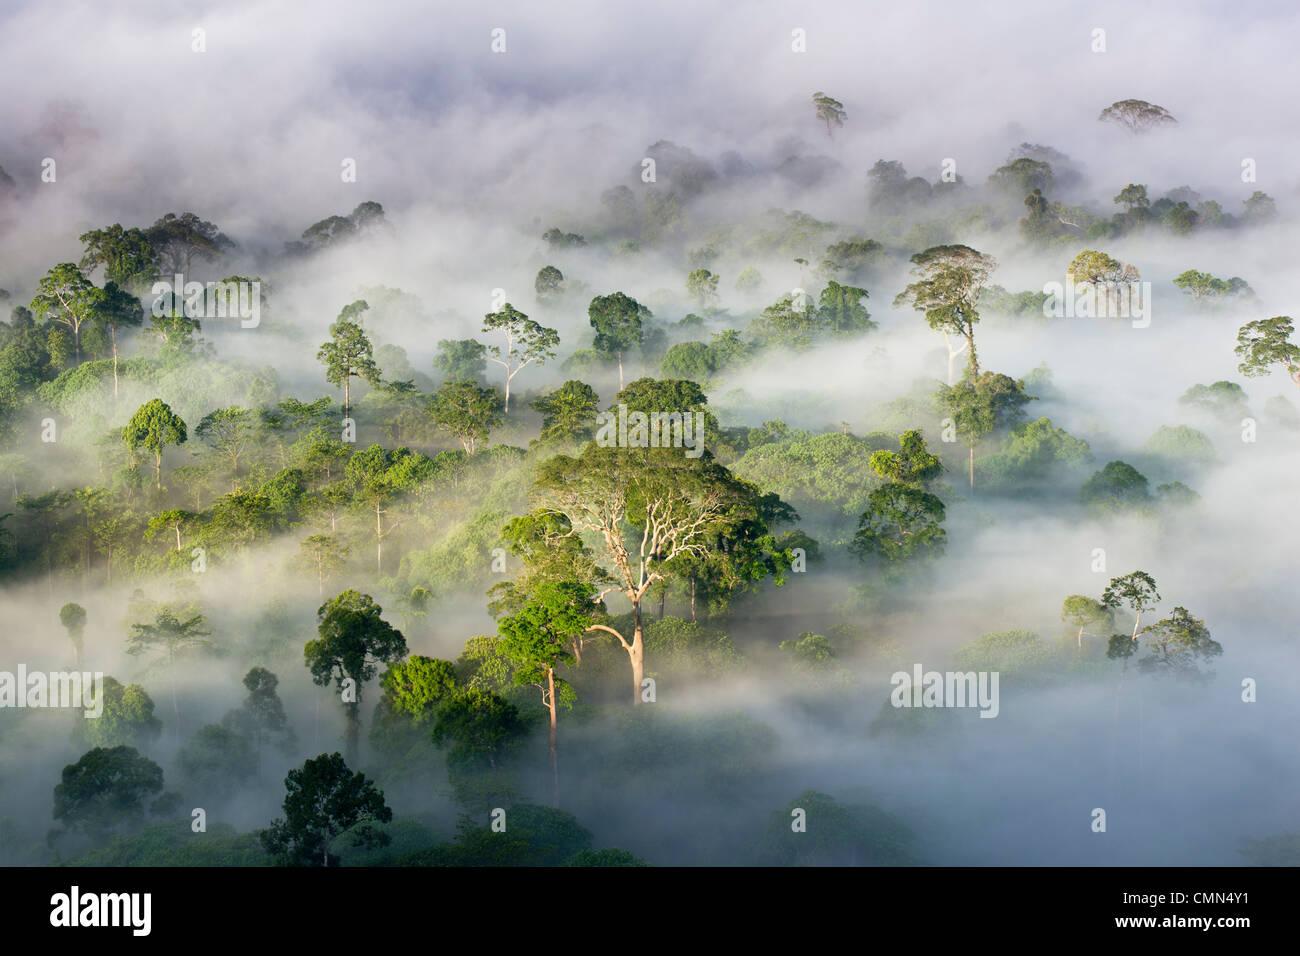 La brume et les nuages bas au-dessus de la forêt de diptérocarpacées de plaine, juste après Photo Stock